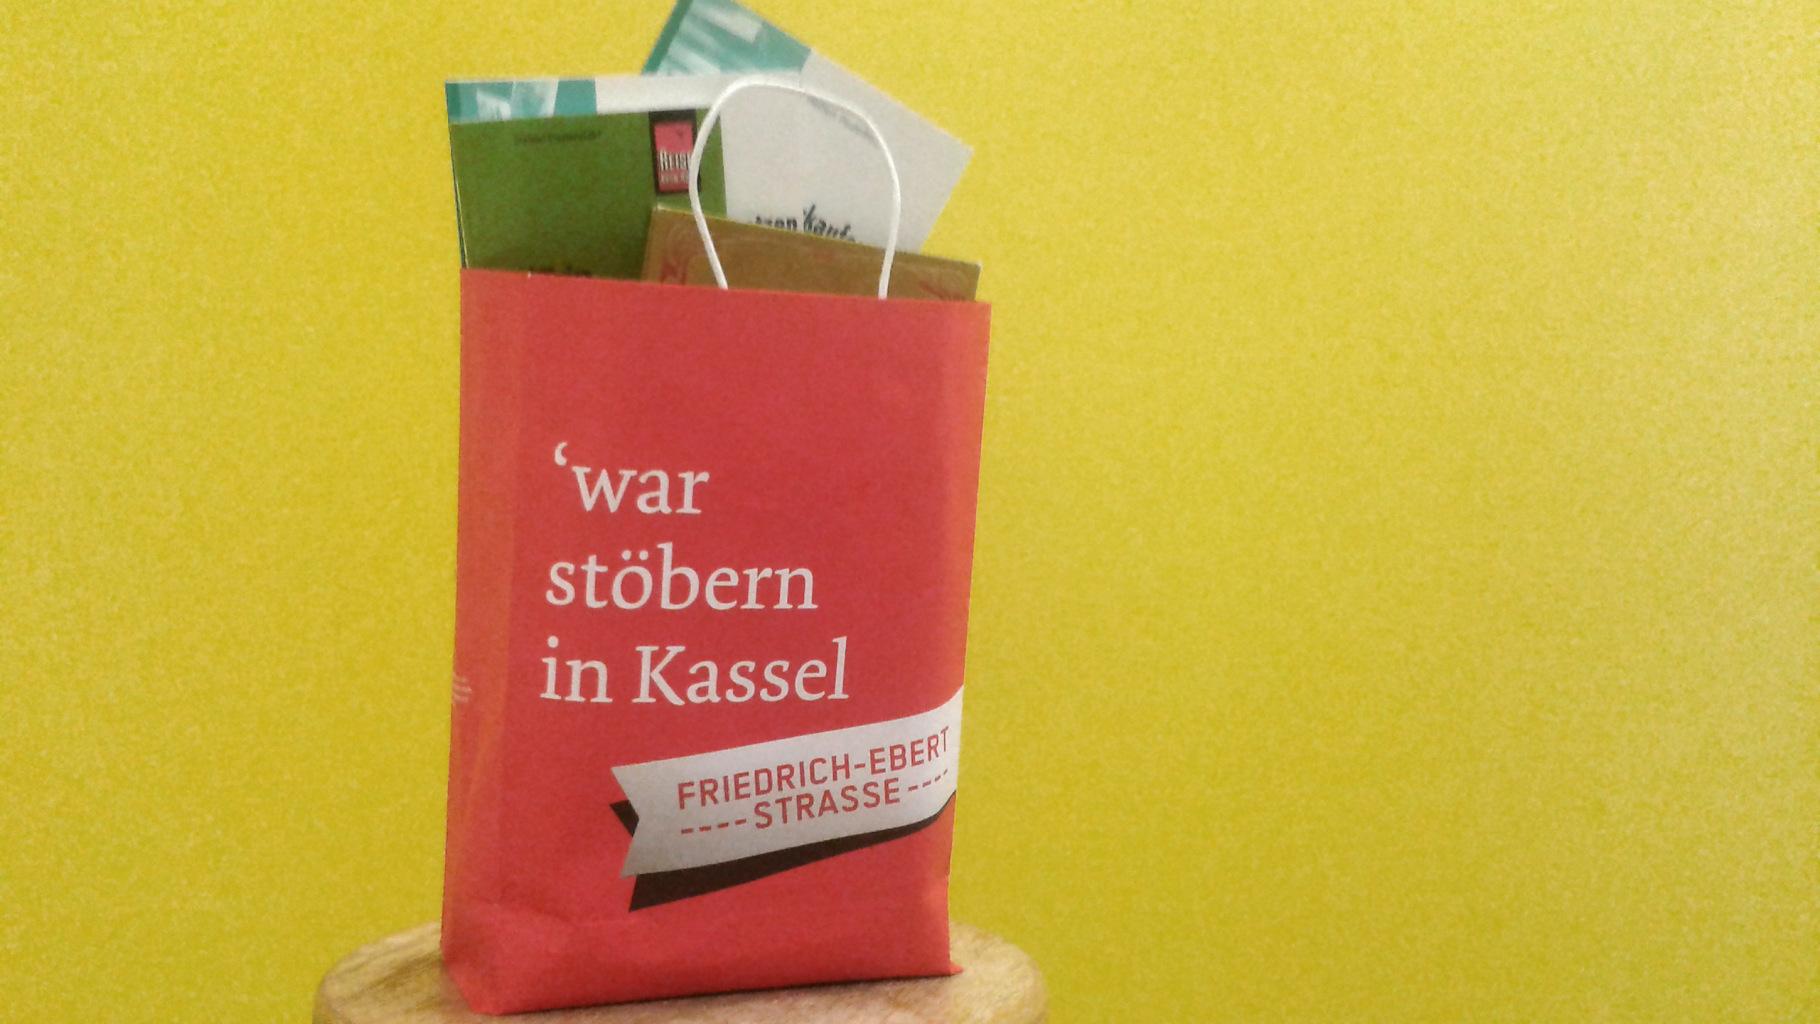 beliebte Verkaufsaktion in Kassel: Bücher in Tüten